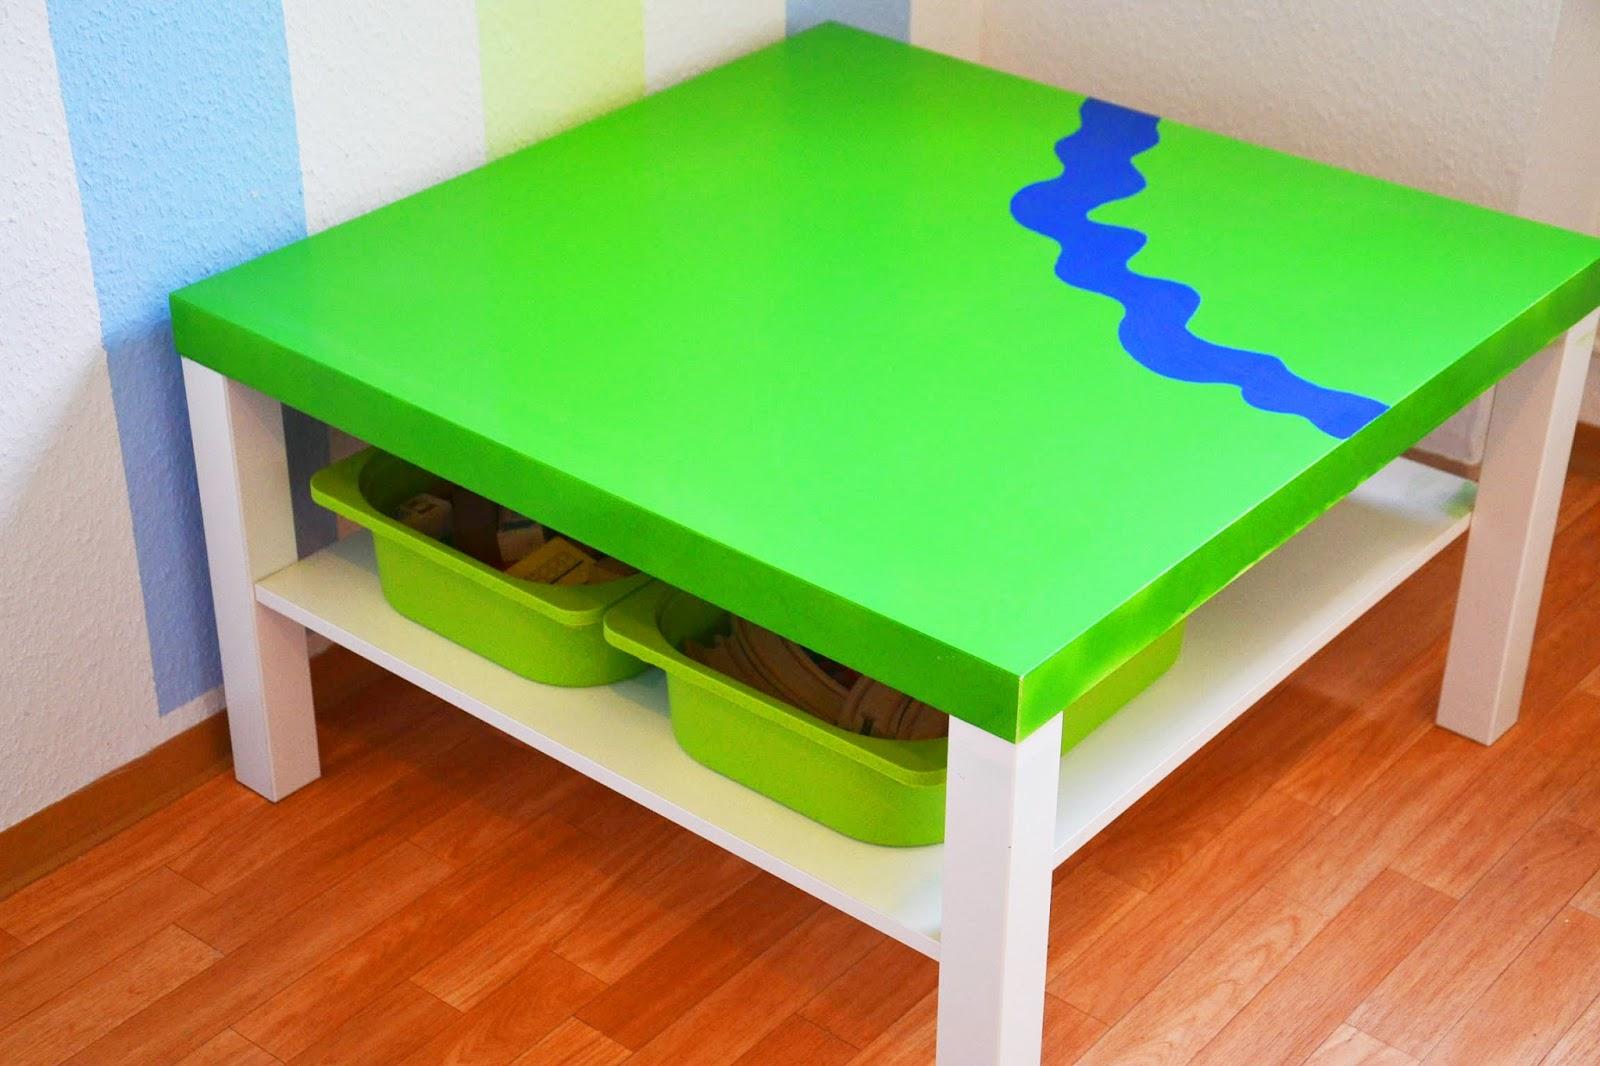 brio spieltisch selbermachen a mother 39 s love. Black Bedroom Furniture Sets. Home Design Ideas